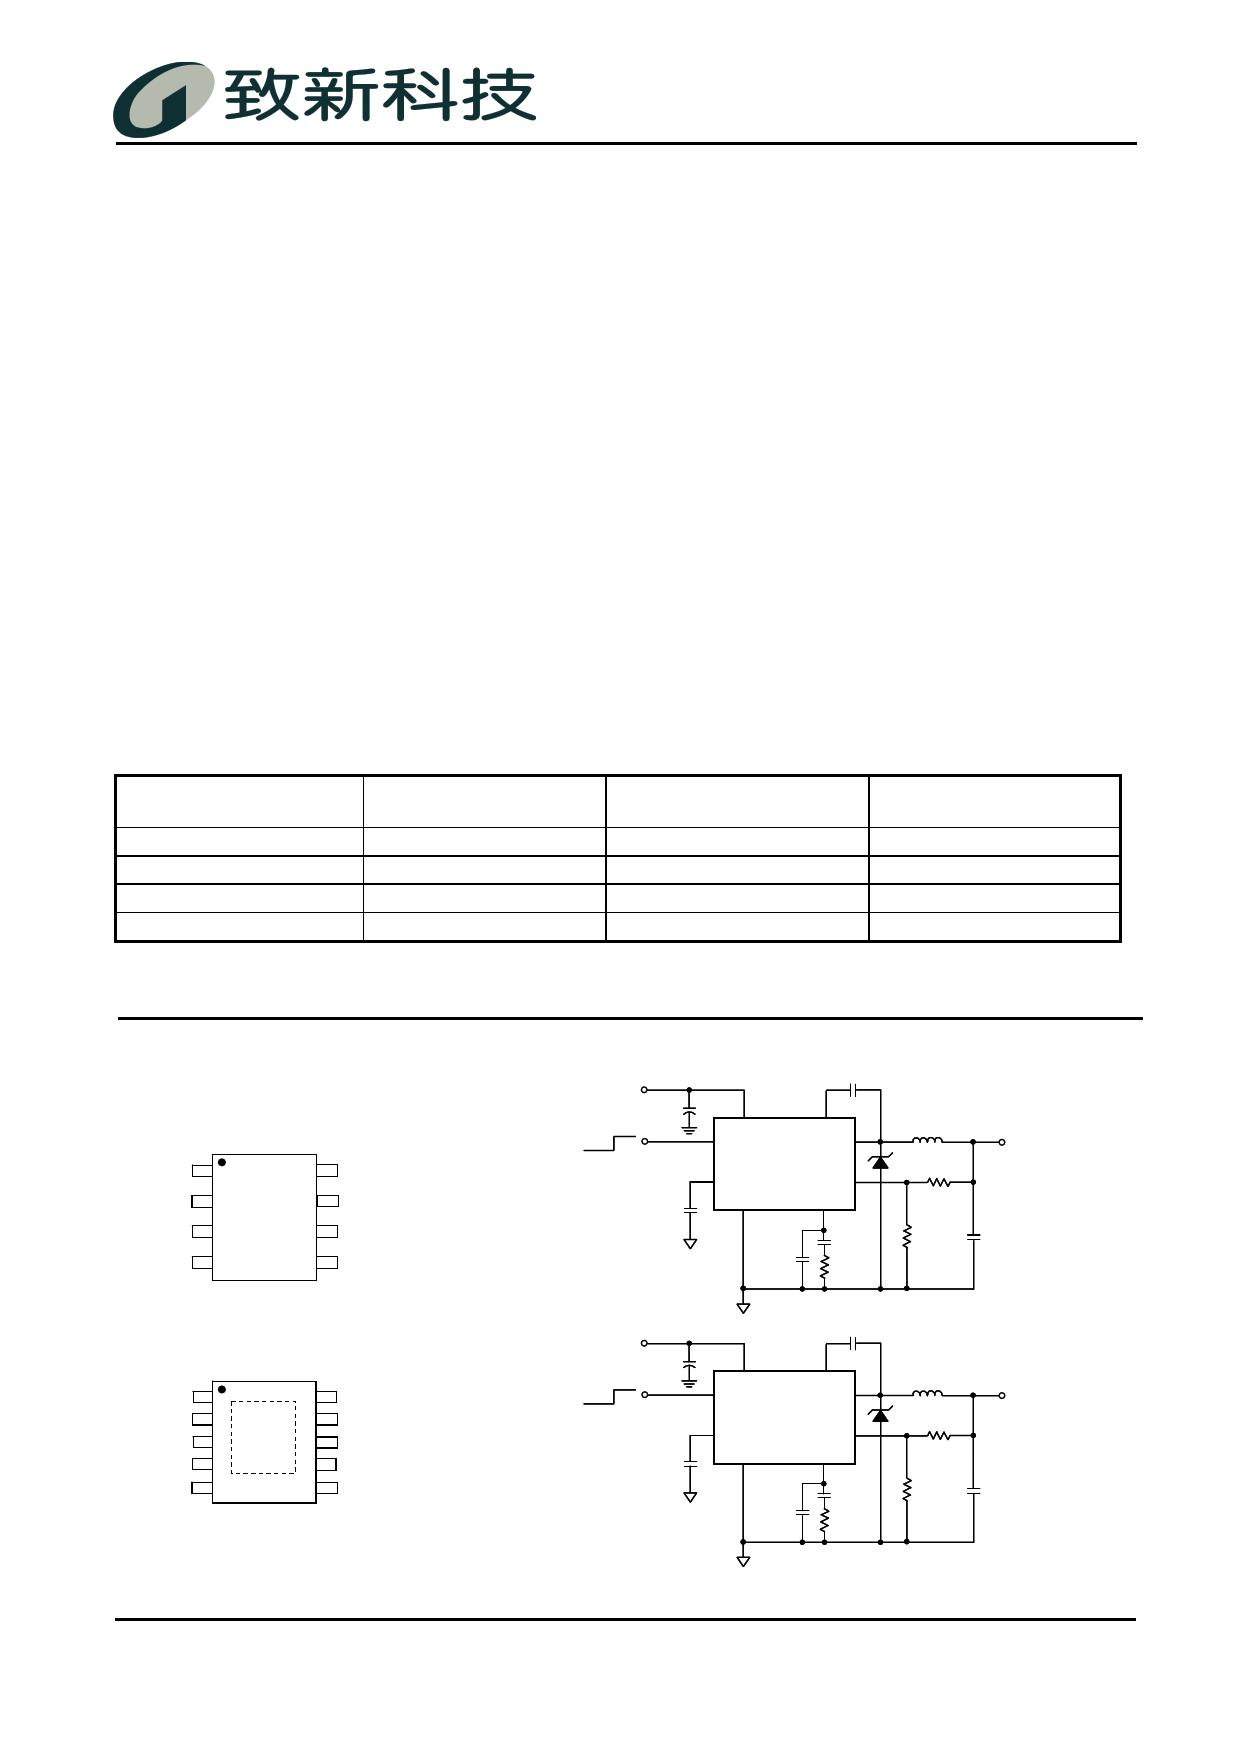 G5752 Datasheet, G5752 PDF,ピン配置, 機能